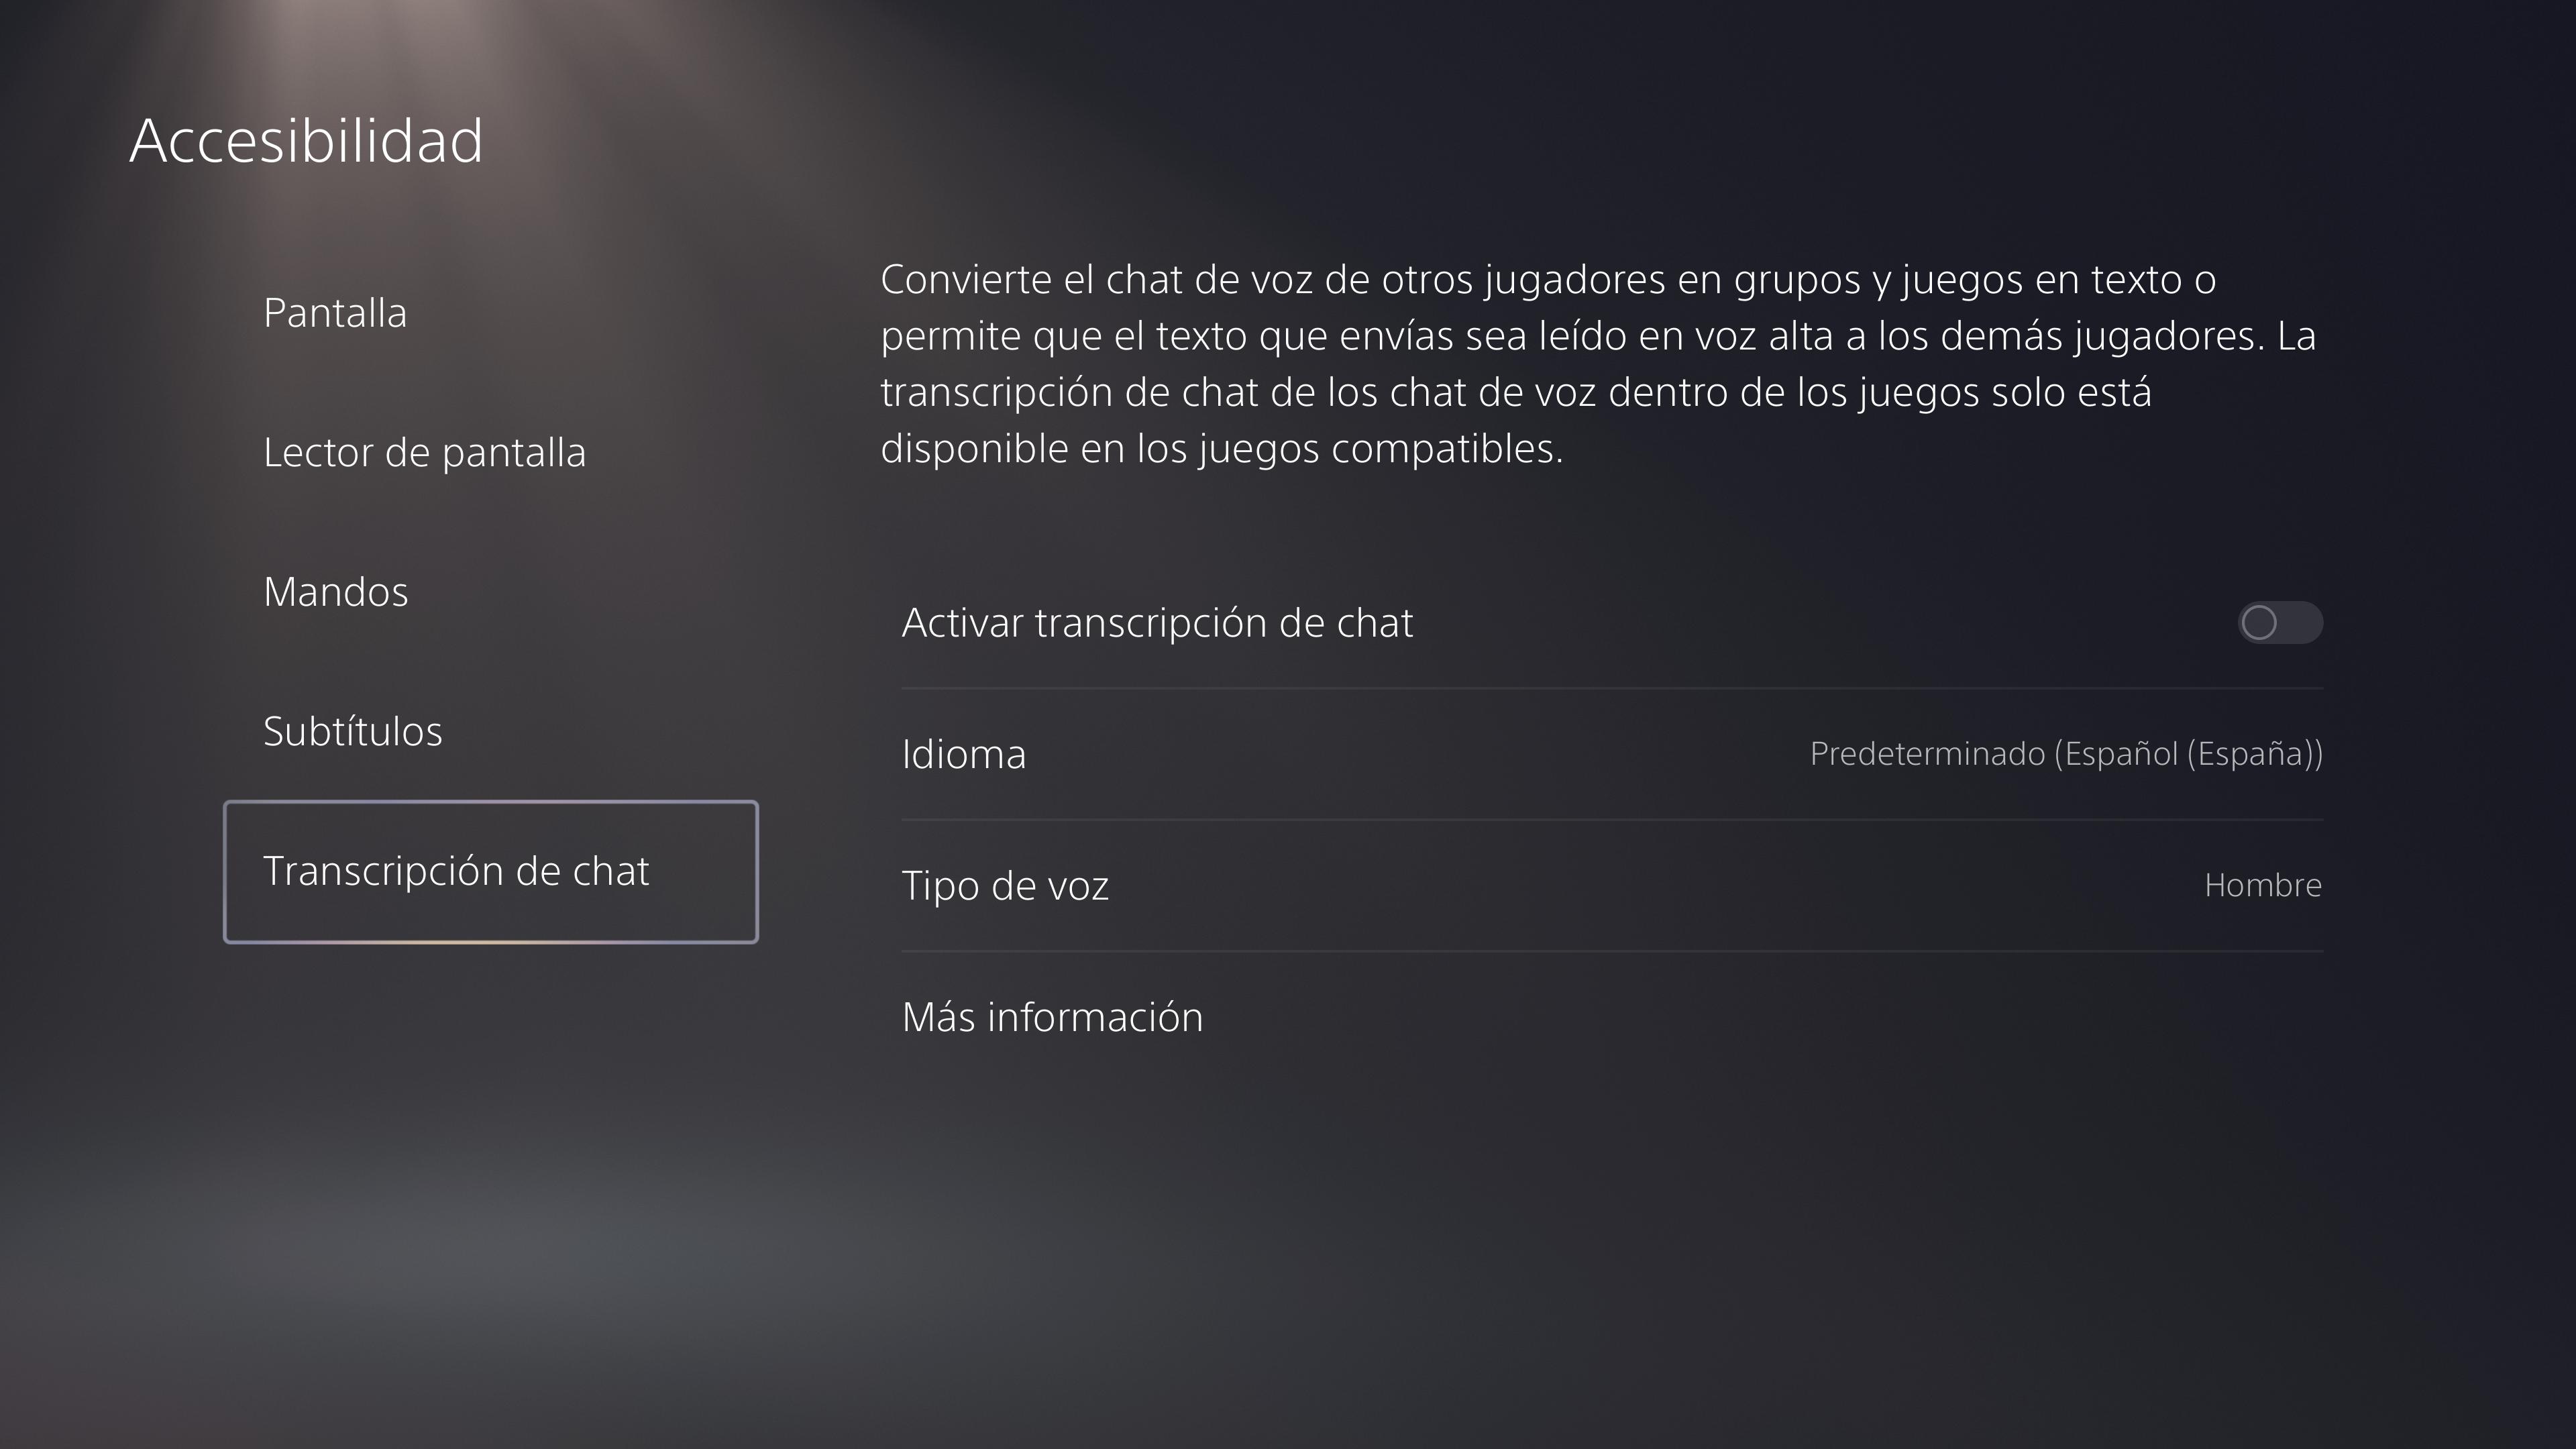 Accesibilidad de PS5: transcripción del chat